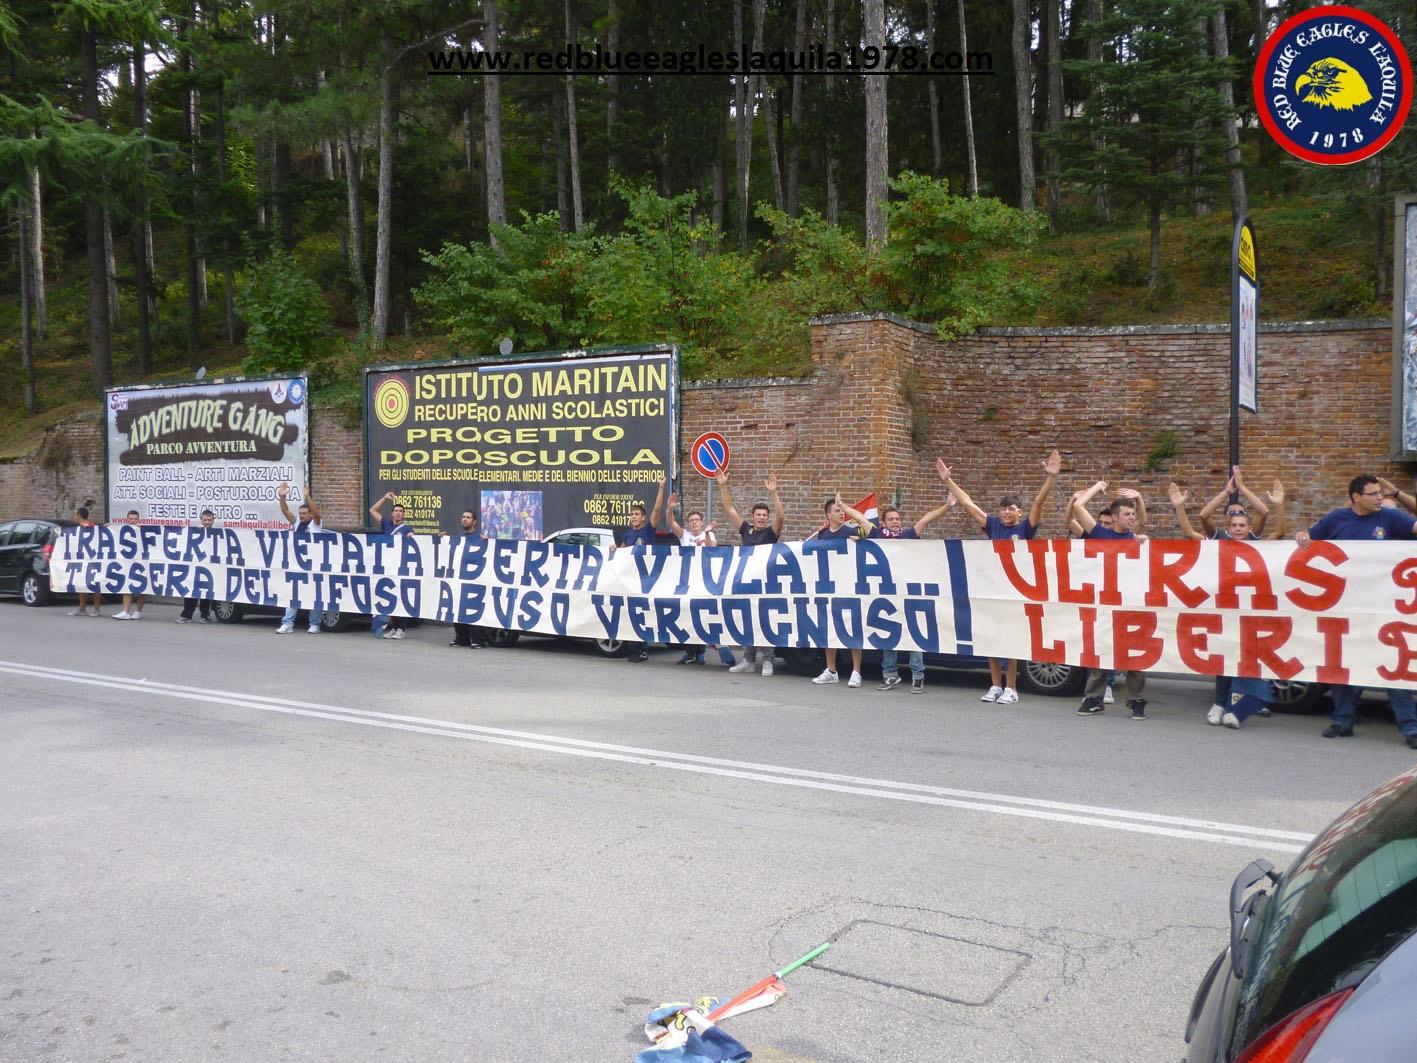 Trasferta vietata libertà violata... tessera del tifoso abuso vergognoso: ultras liberi